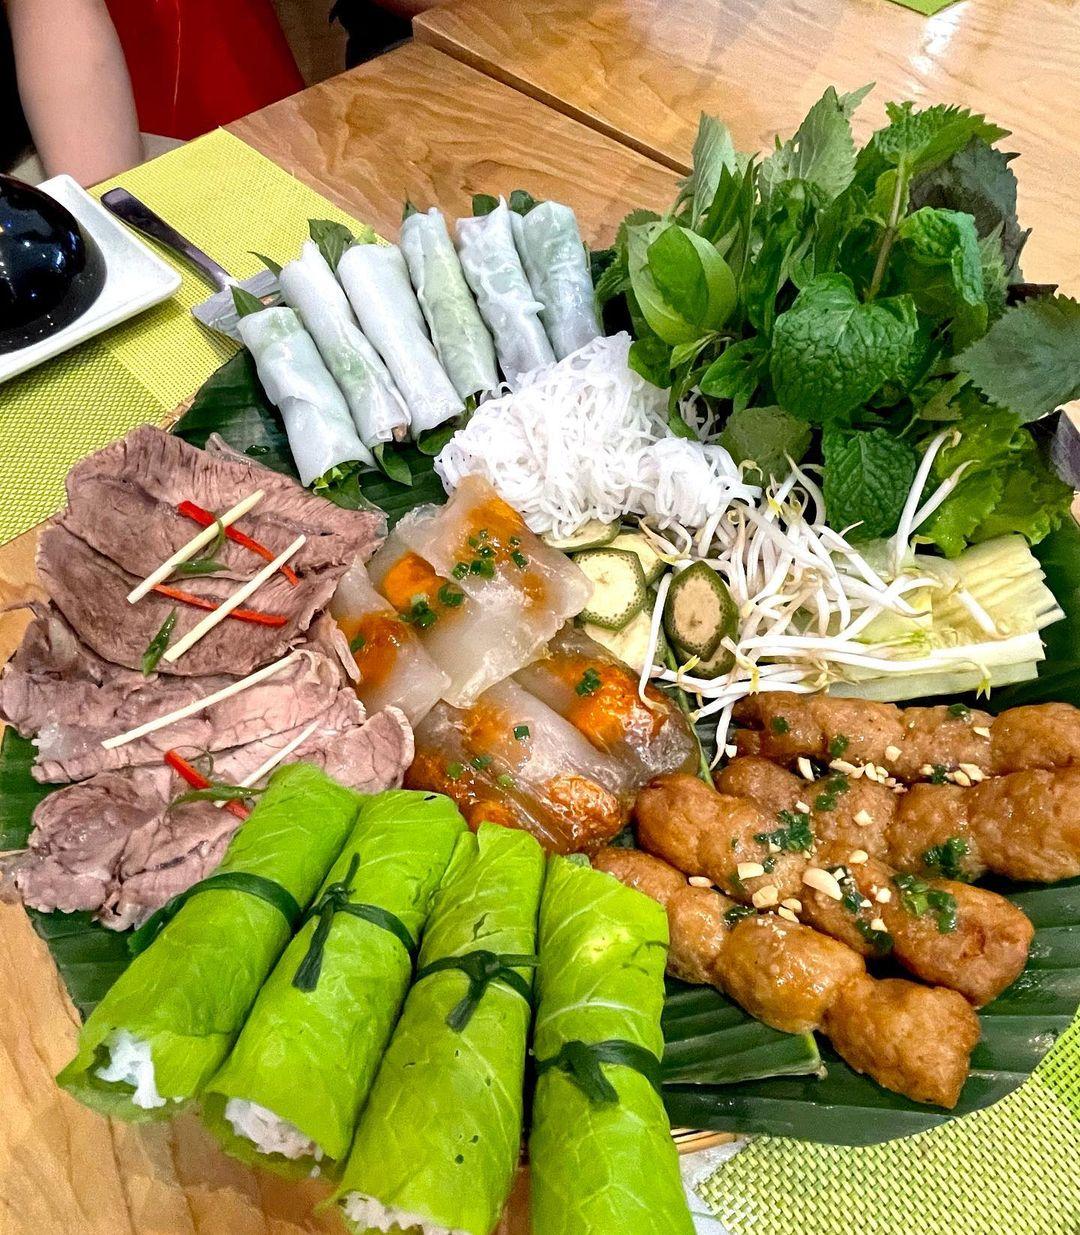 wrap&roll - quán ăn ngon quận 9 nổi tiếng